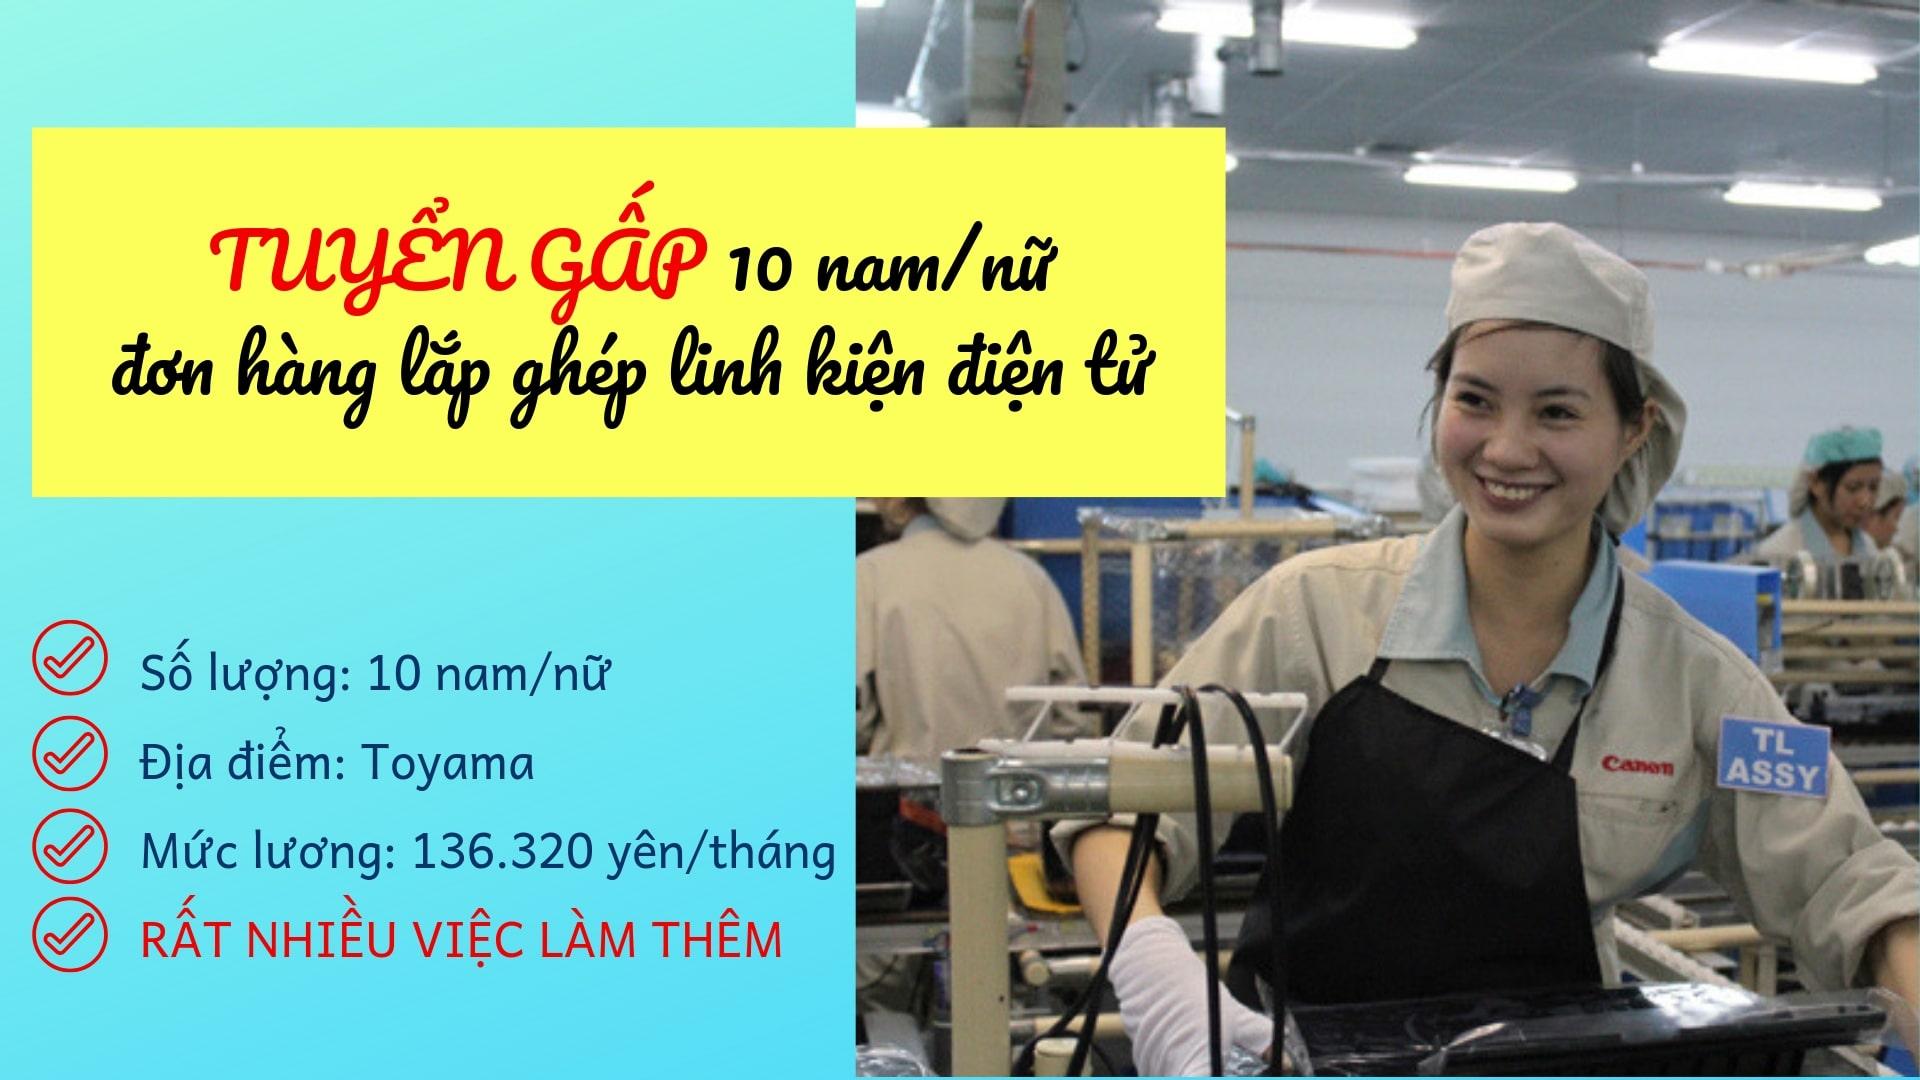 CẦN GẤP 10 nam/nữ lắp ghép linh kiện điện tử tại Toyama, RẤT NHIỀU việc làm thêm!